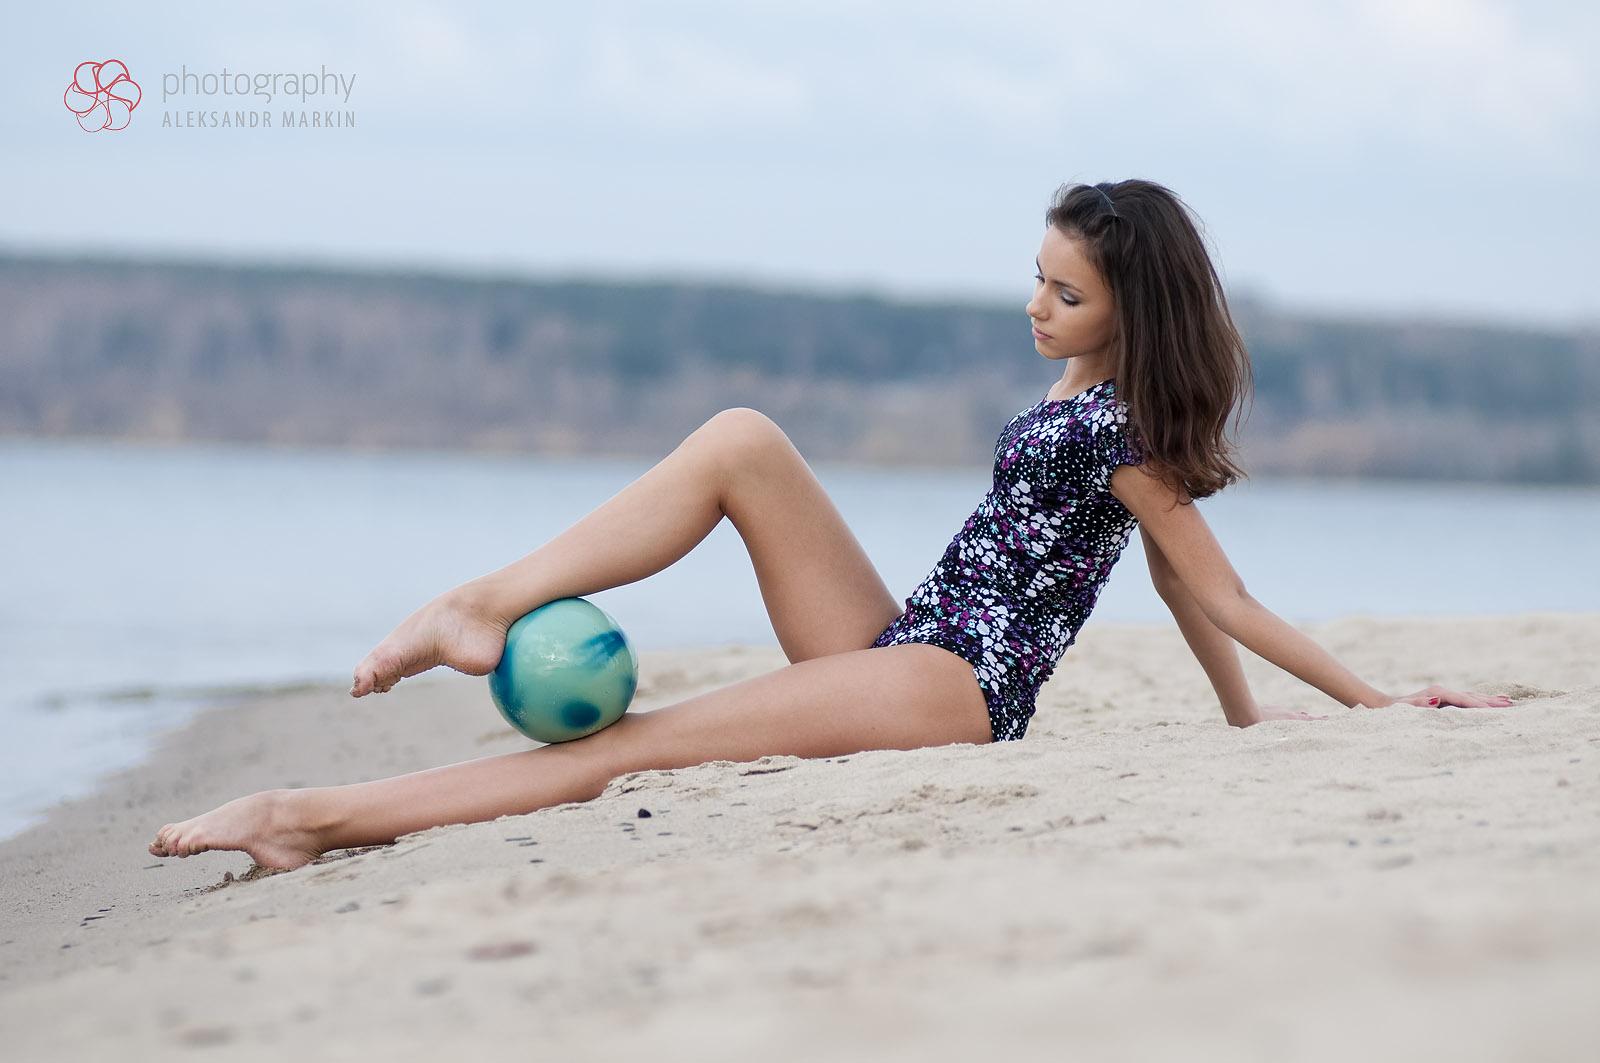 Фото девочек гимнасток на пляже 23 фотография